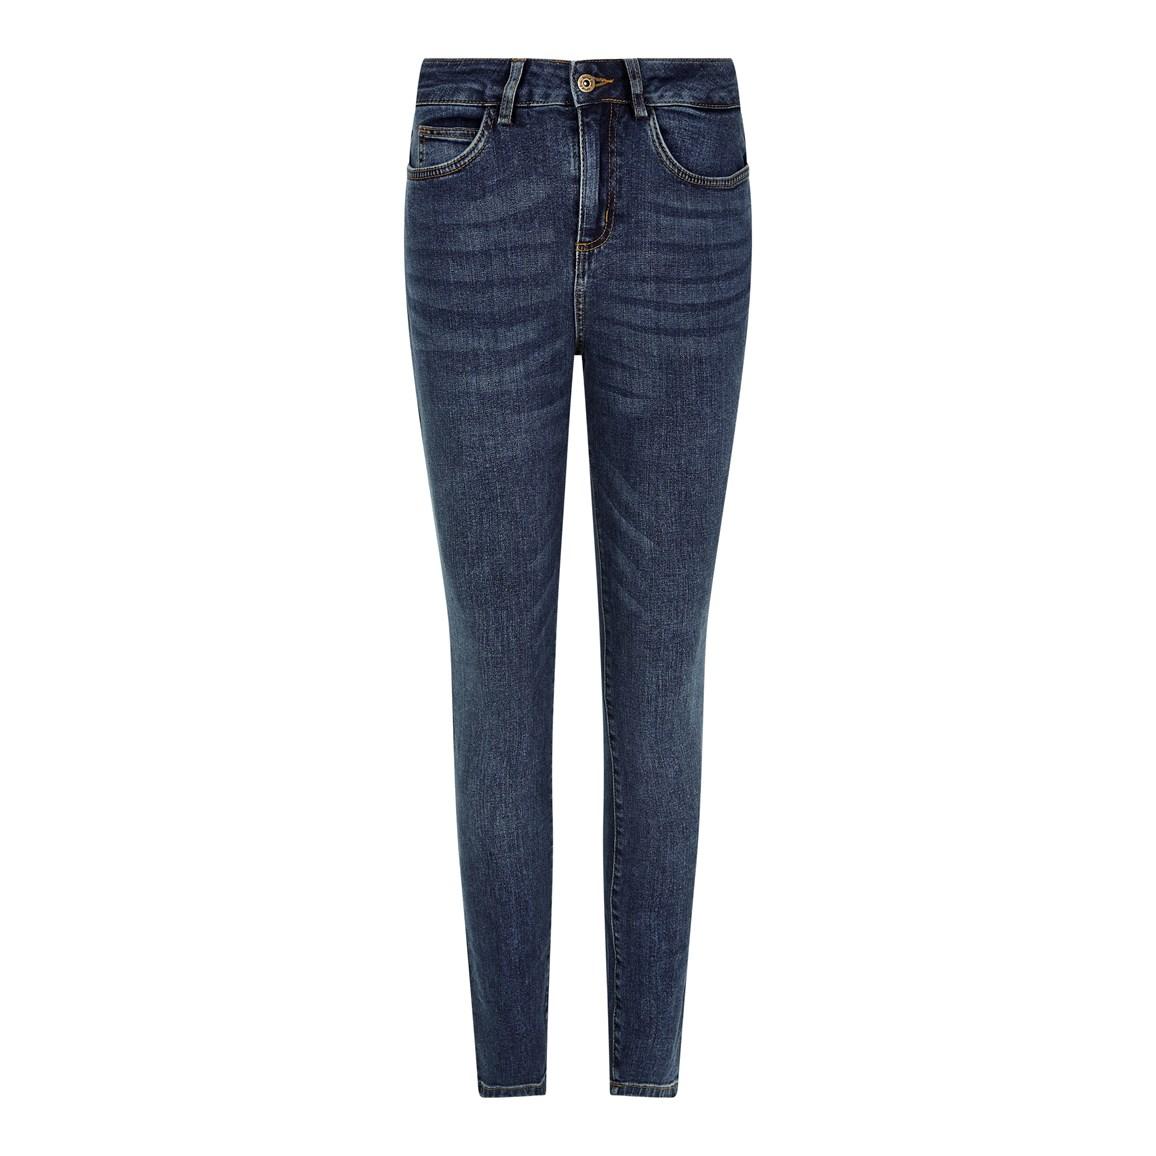 Women's Trousers Weird Fish Rini Slim Fit Denim Jean Denim Size 16 L